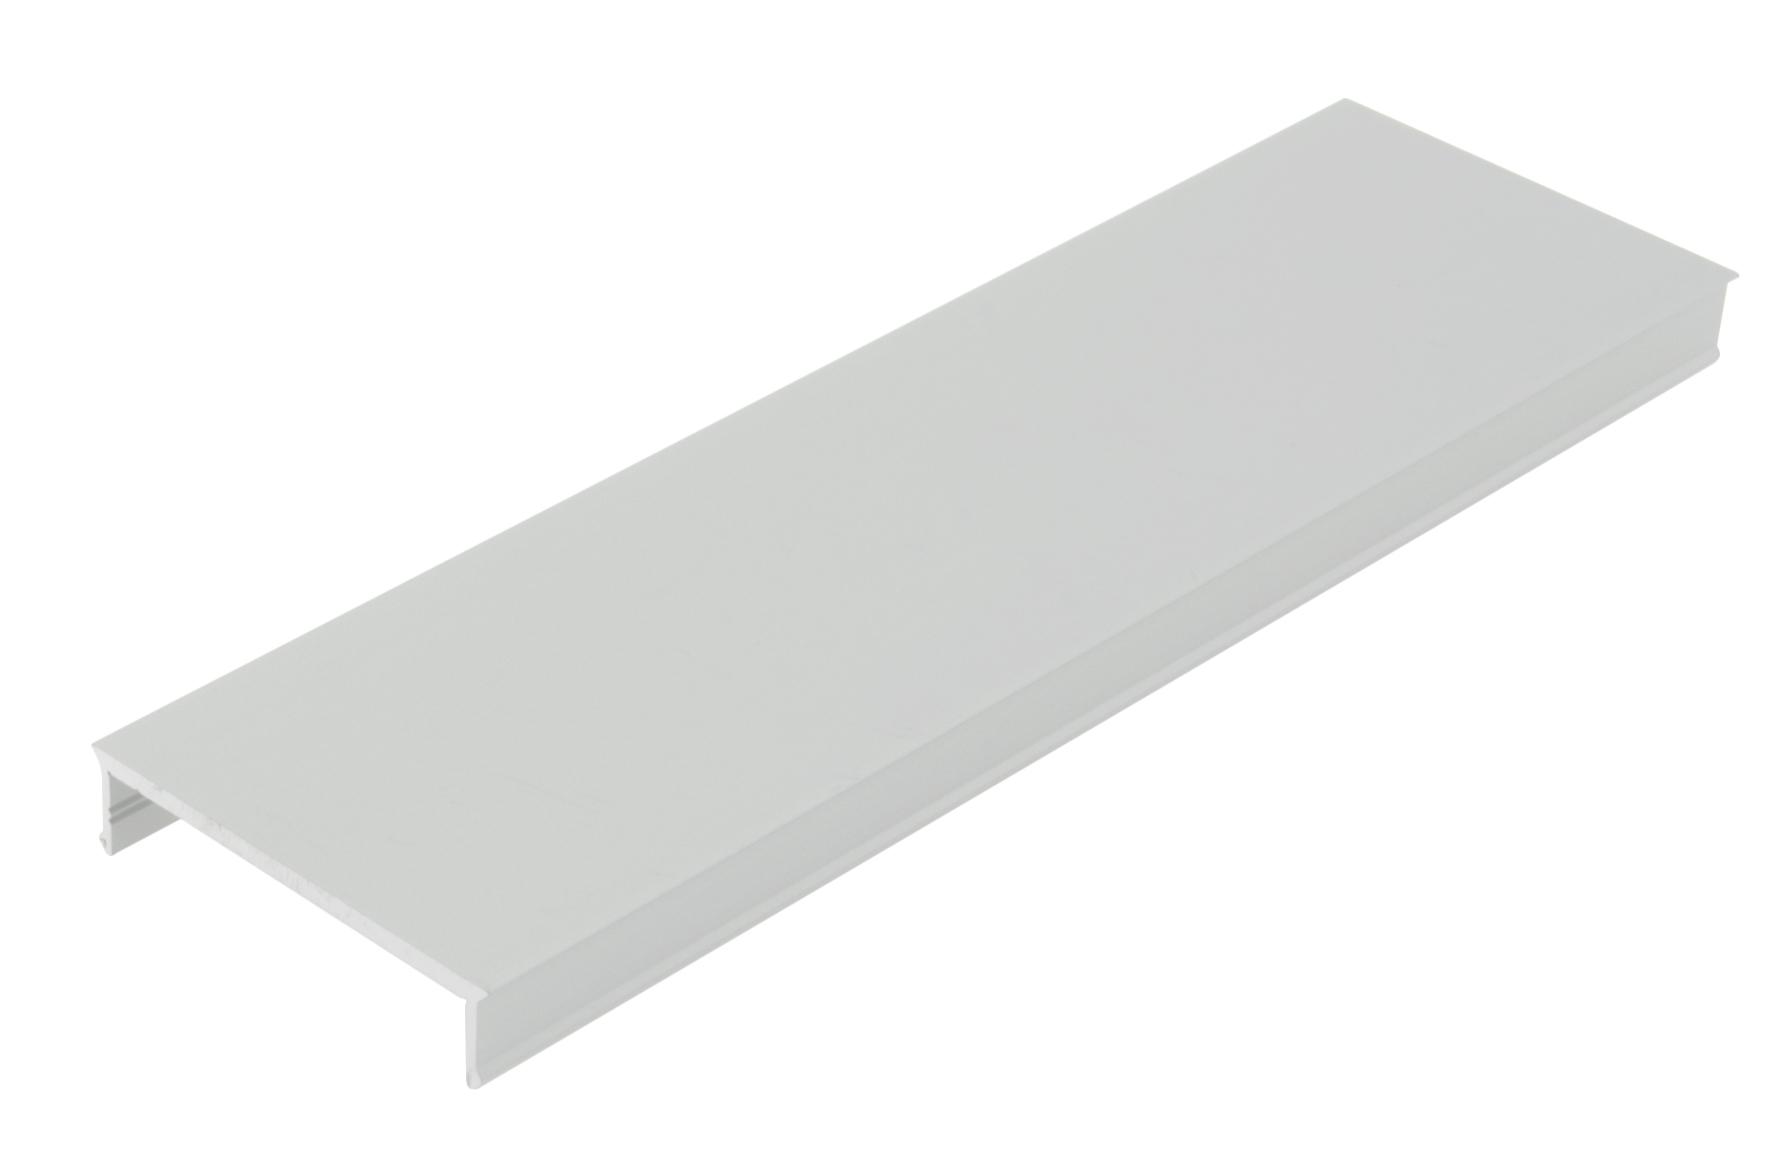 Aluminium Abdeckung MF 2m